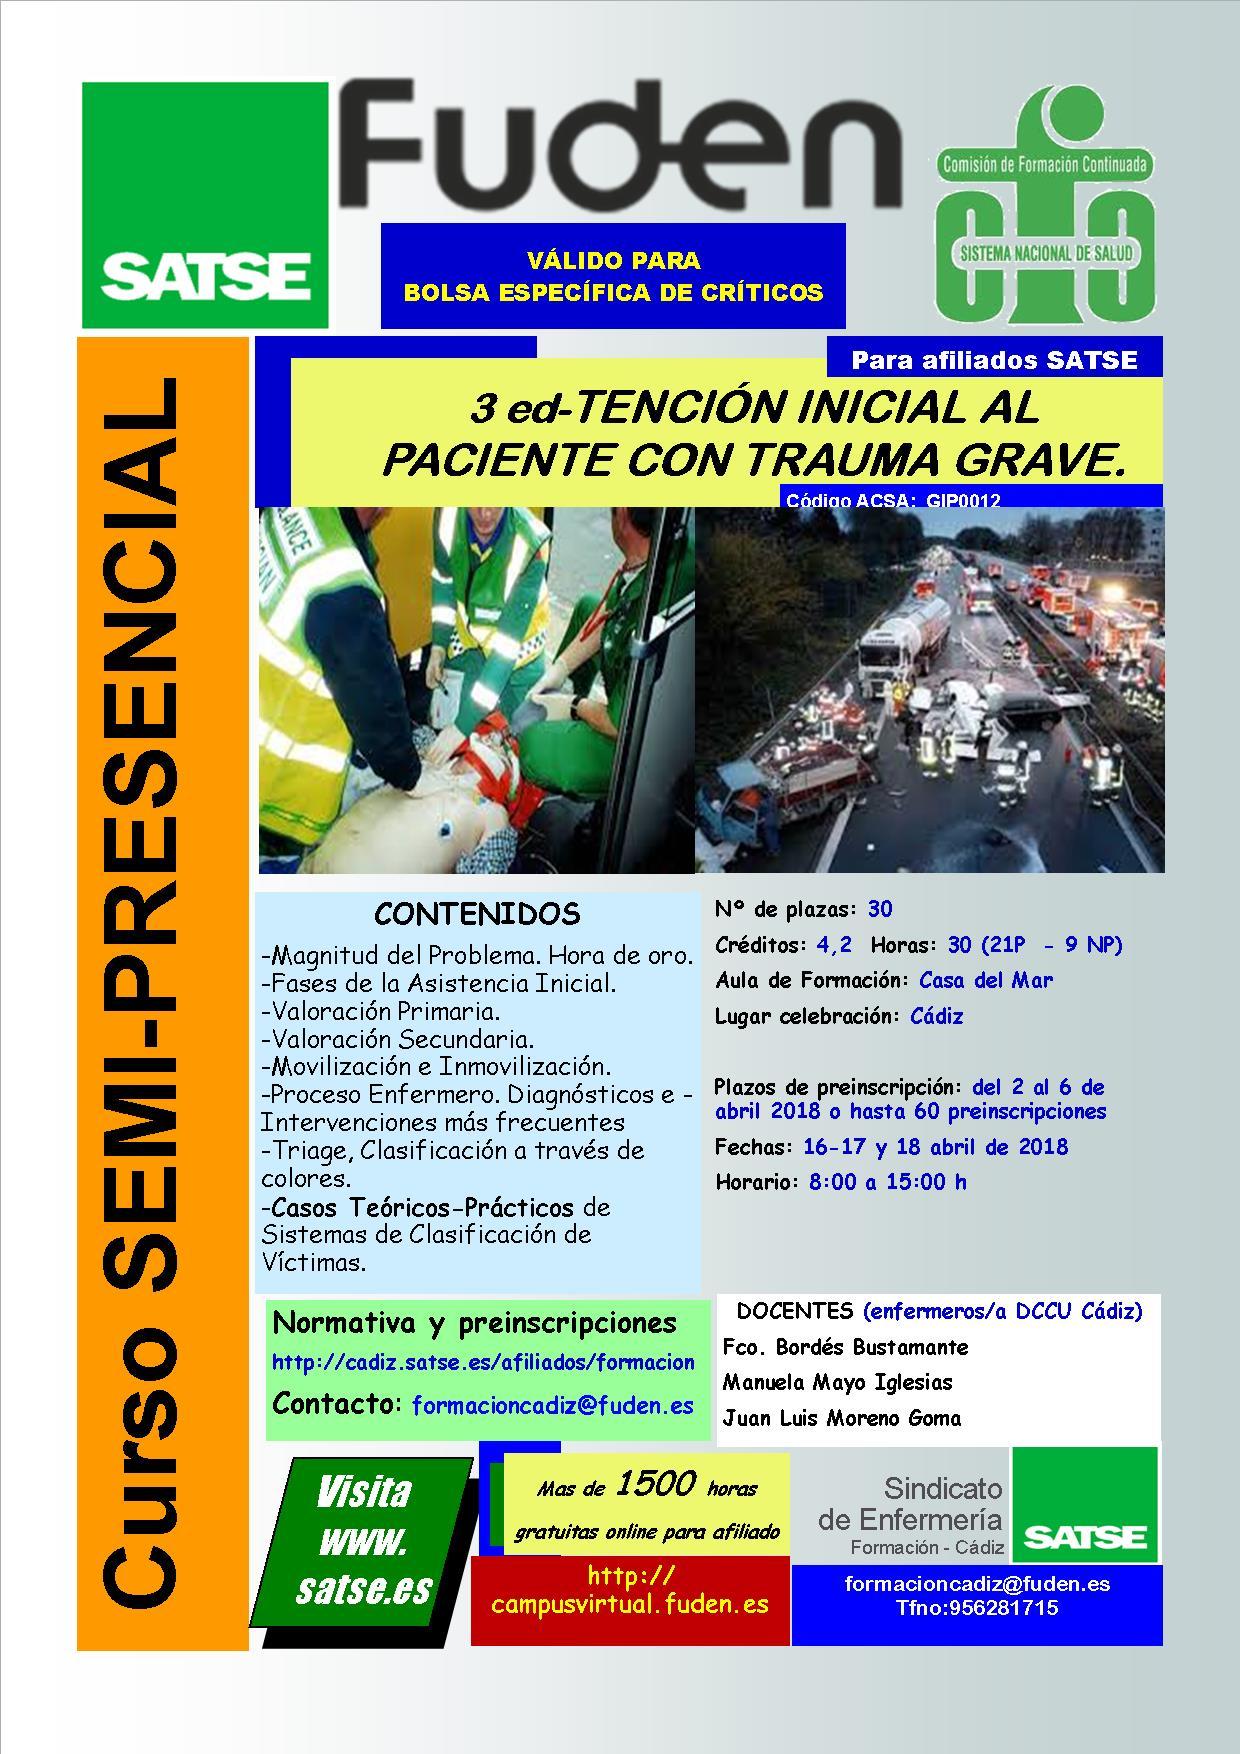 2018-3ª ed CADIZ - ATENCIÓN INICIAL AL PACIENTE CON TRAUMA GRAVE.